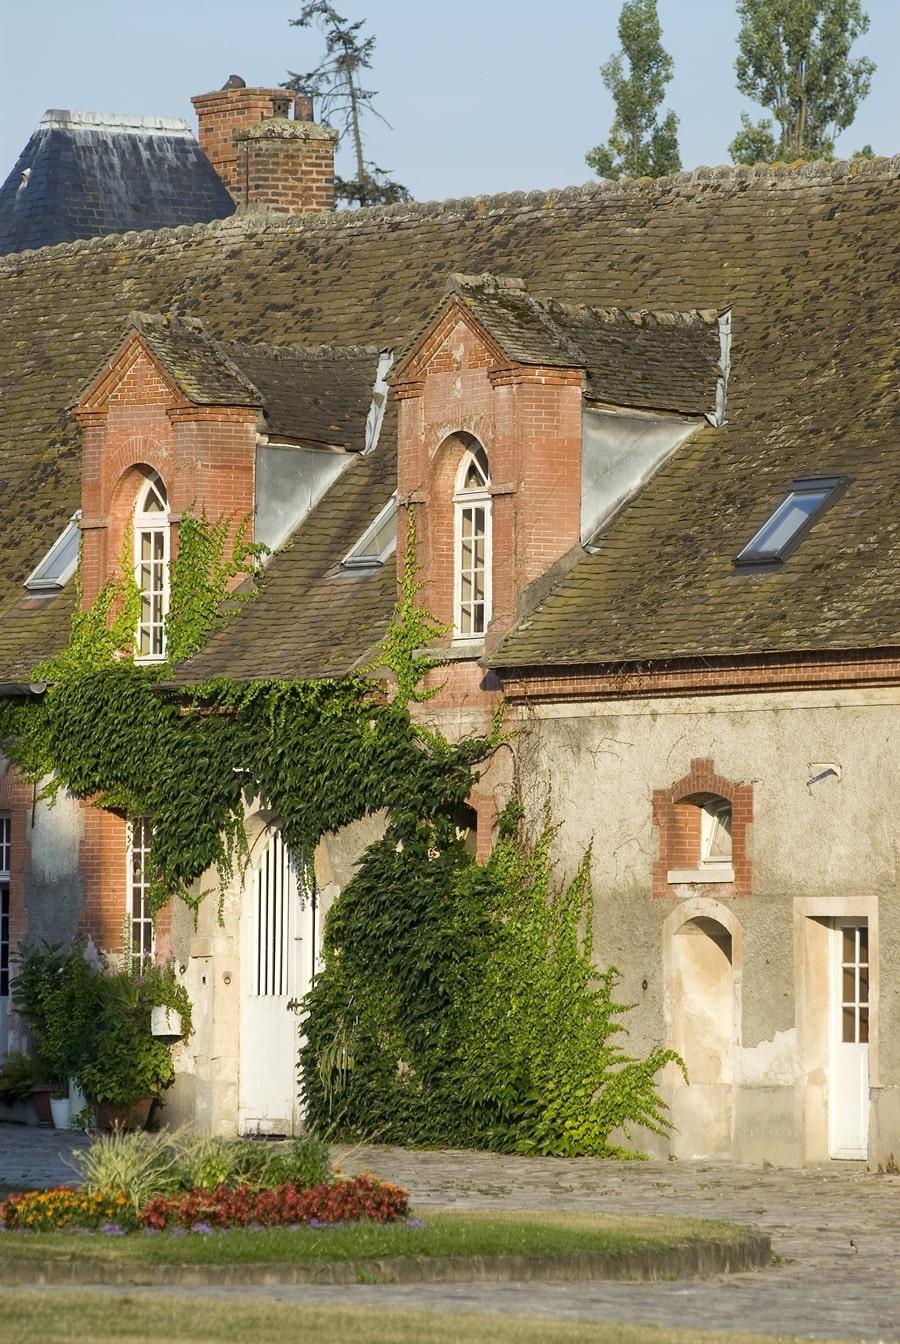 Chateau-Grosbois-4